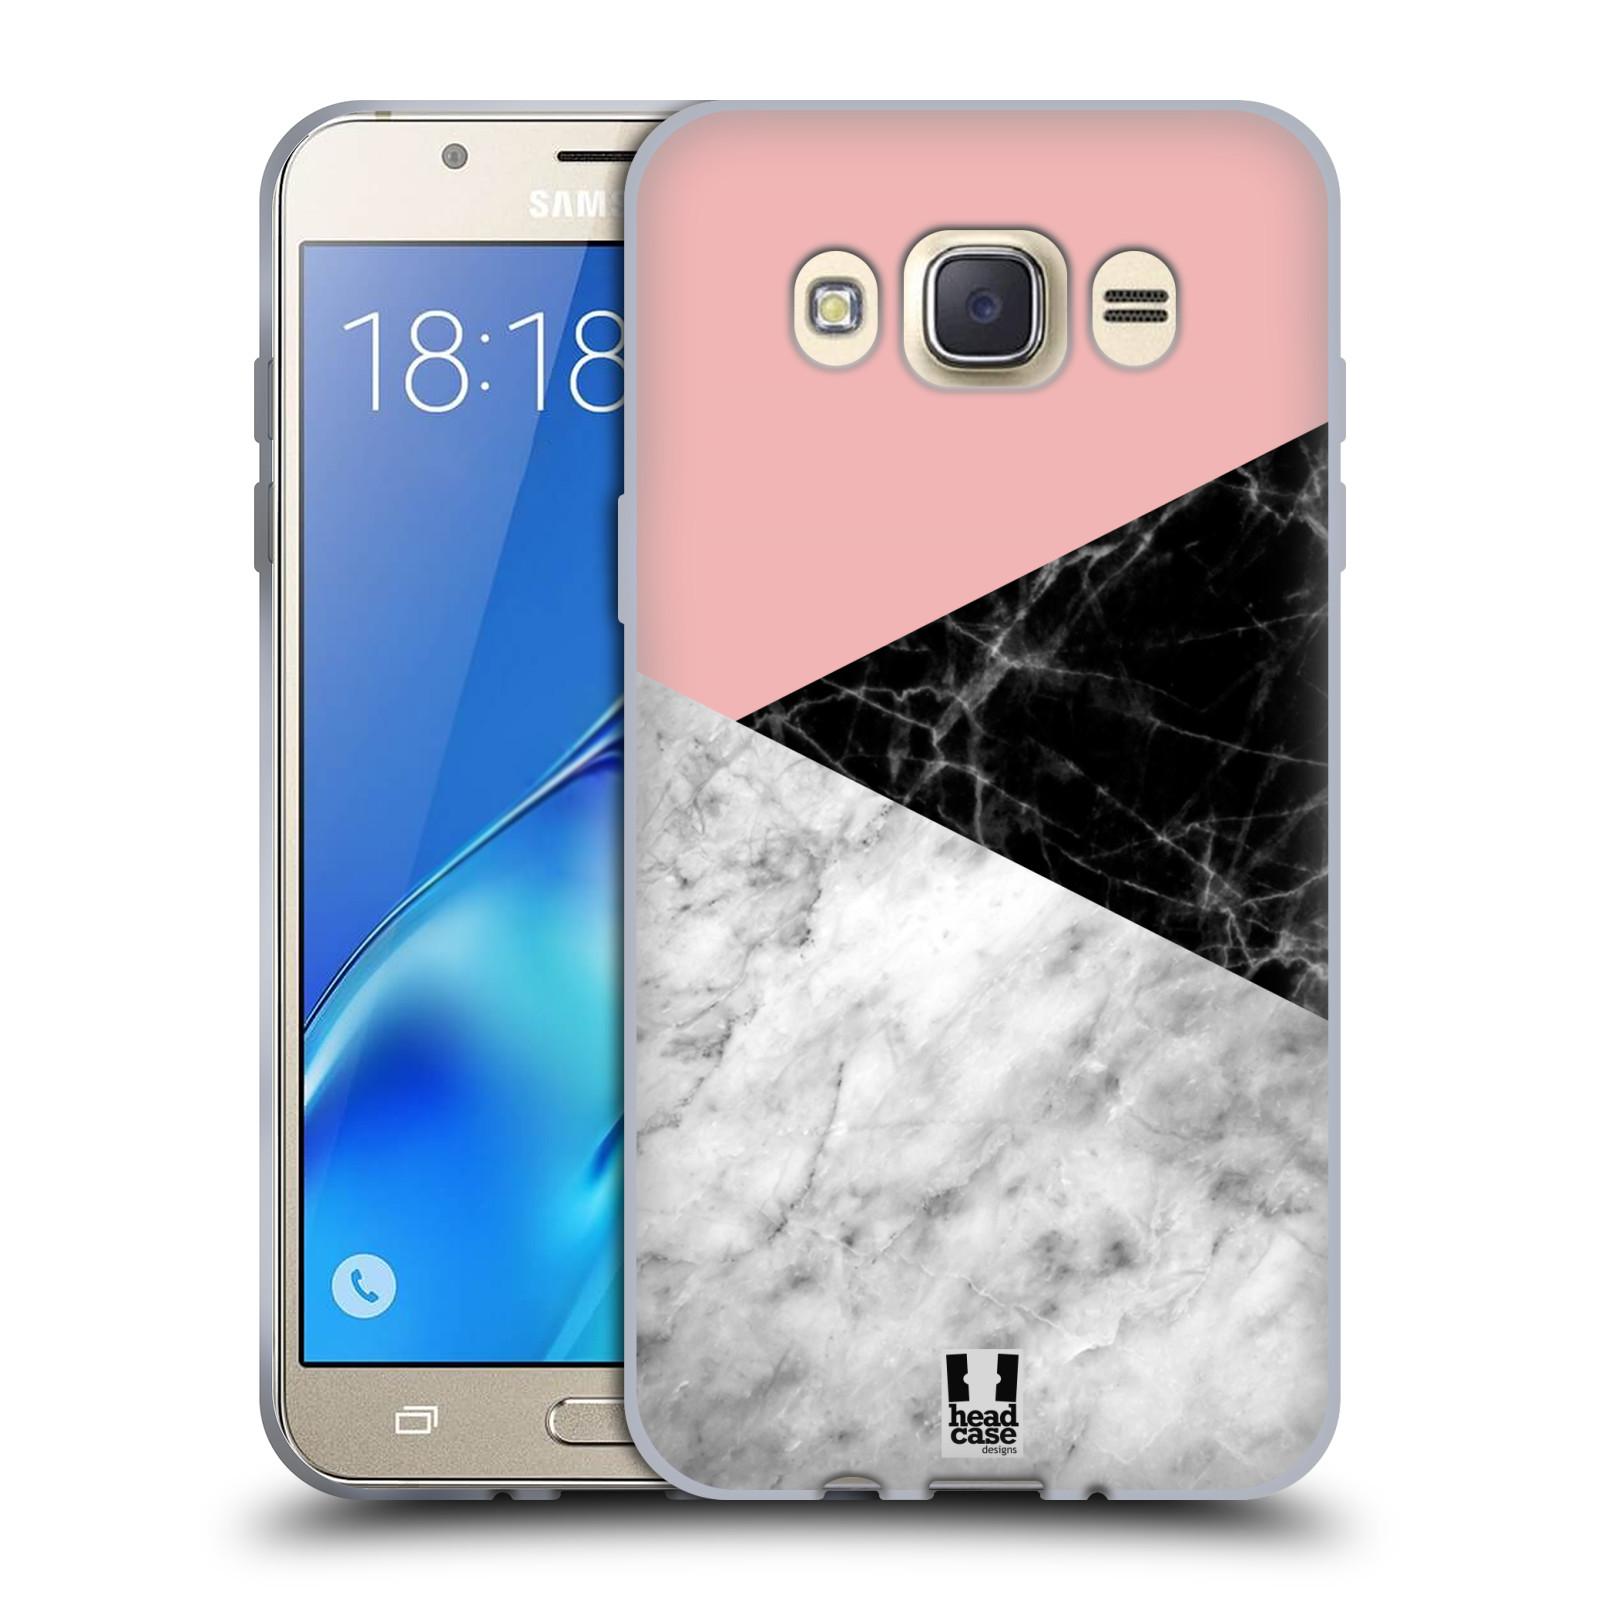 Silikonové pouzdro na mobil Samsung Galaxy J7 (2016) - Head Case - Mramor mix